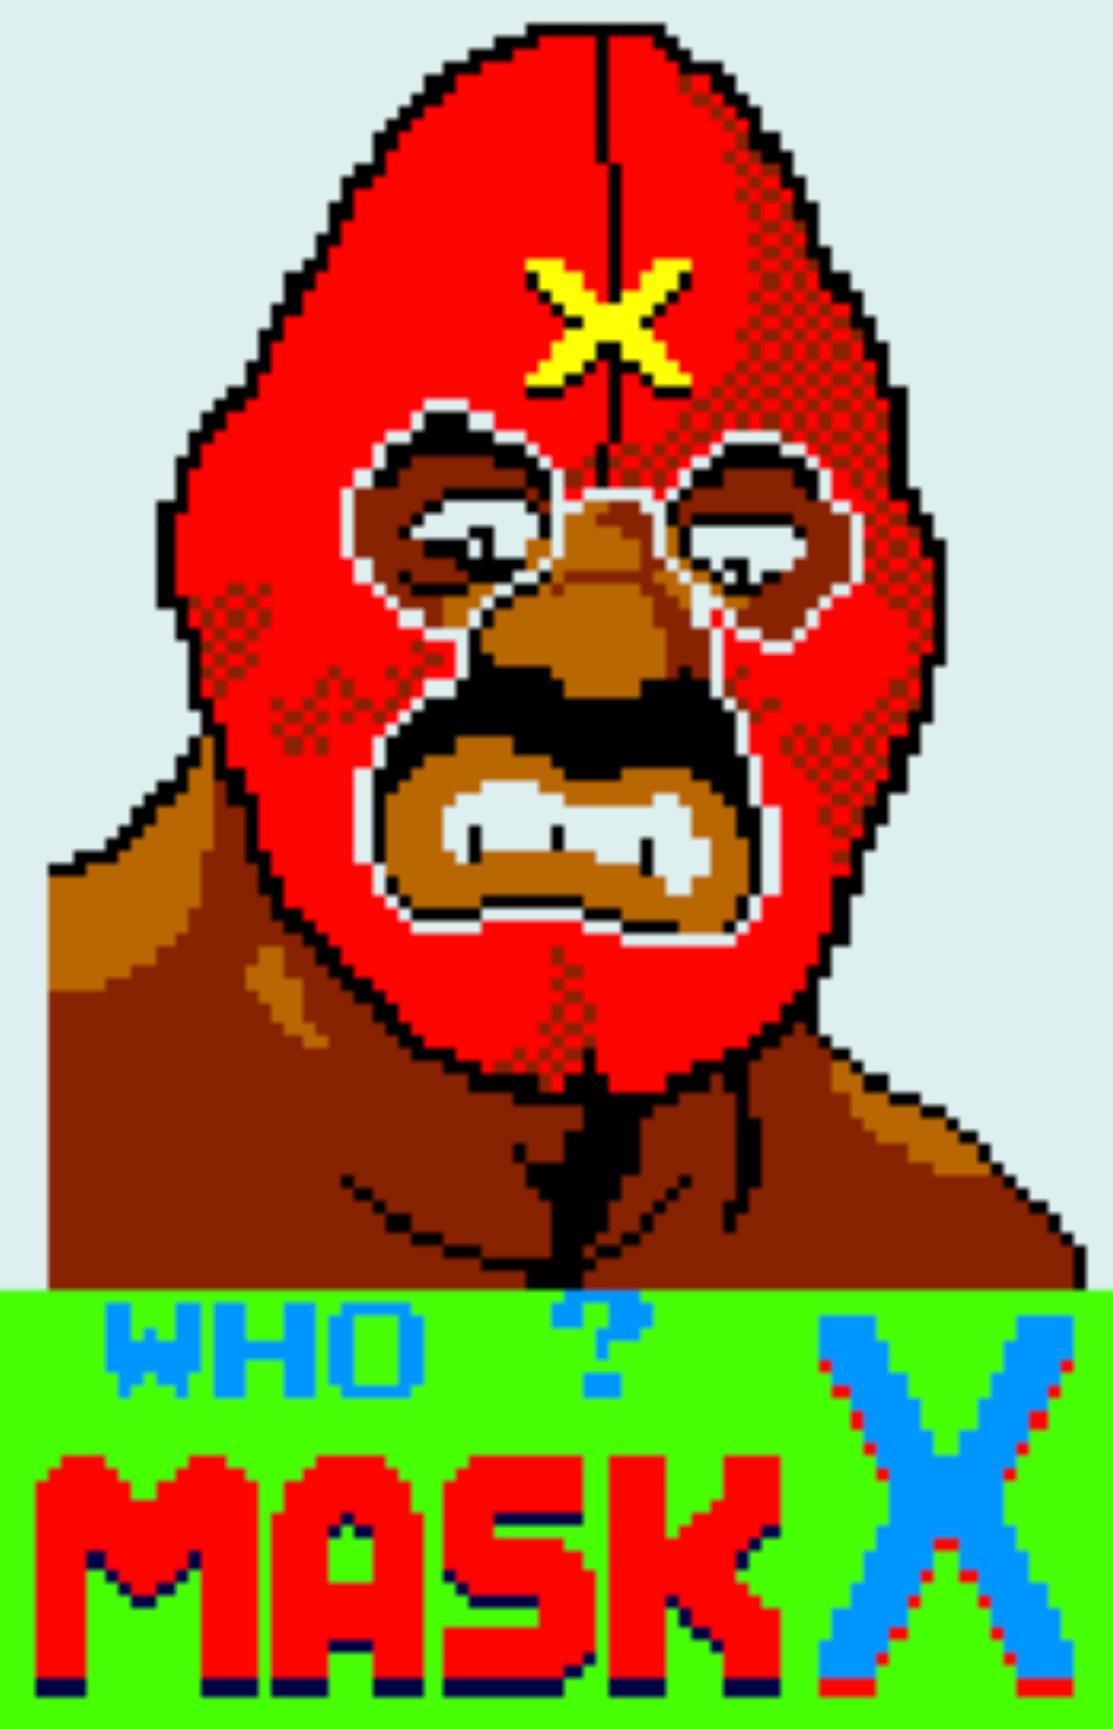 File:B03 - mask x (big).png